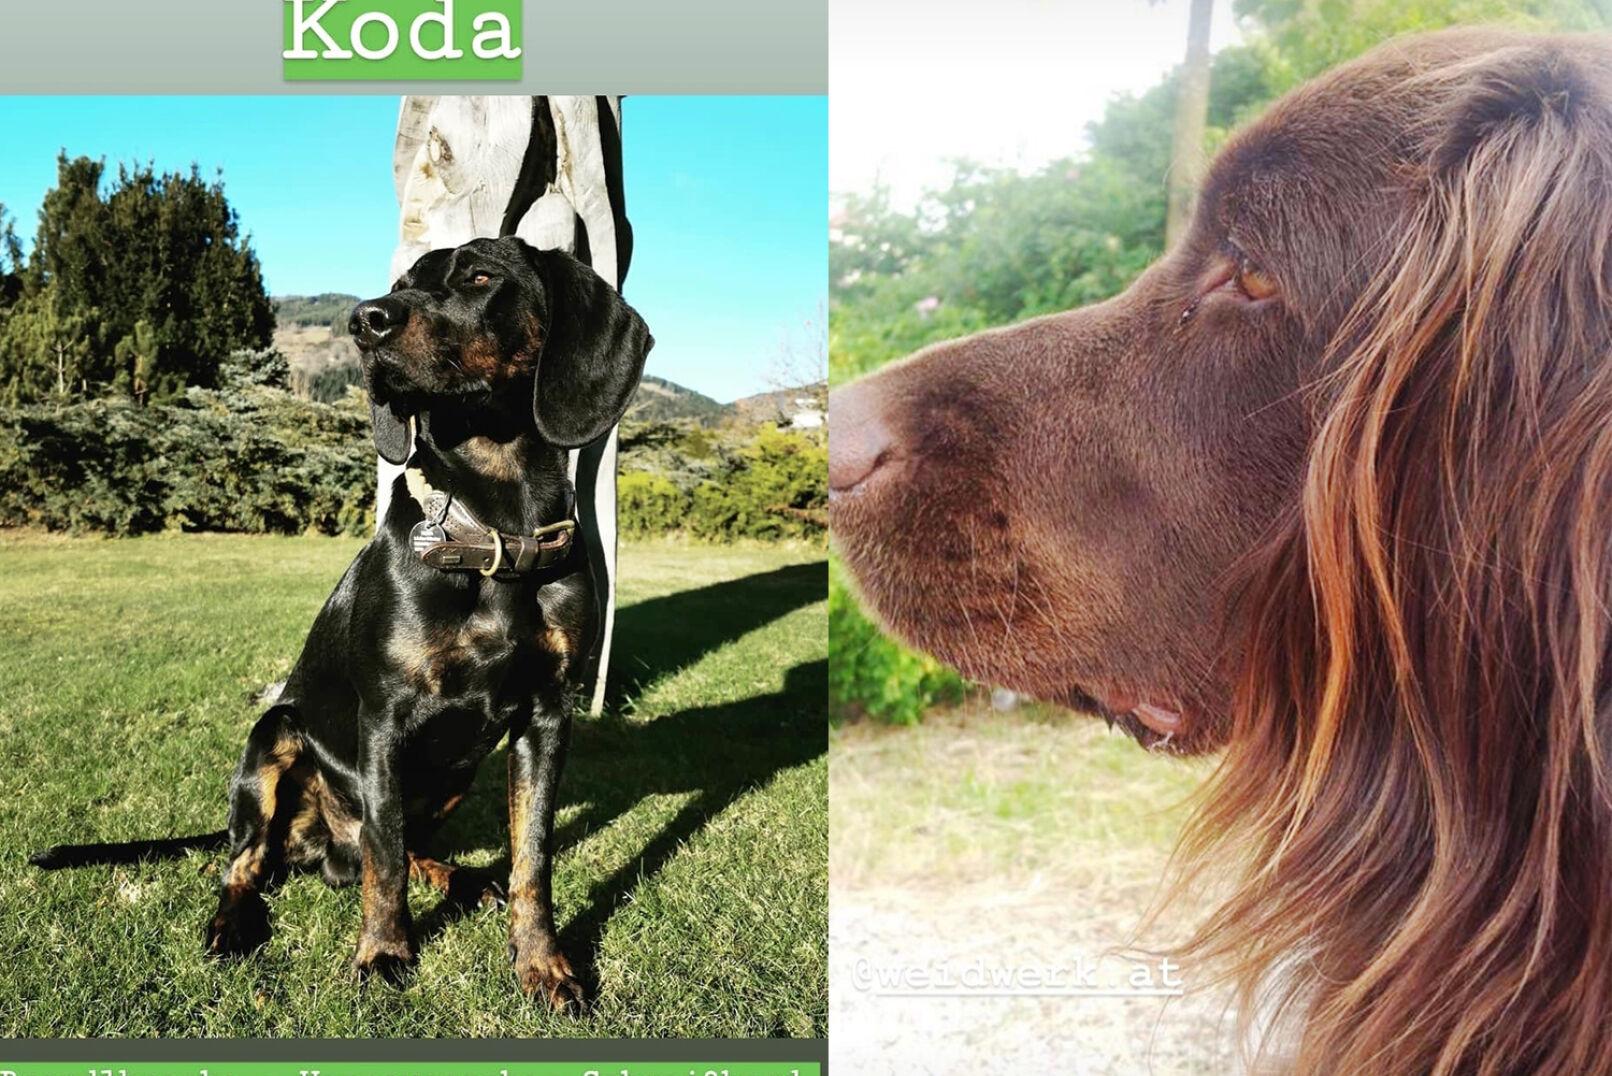 Das ist Koda, Brandlbracke mit Hannoverschem Schweißhund (IG:@krickale). Rechts: Sophies Vierbeiner.